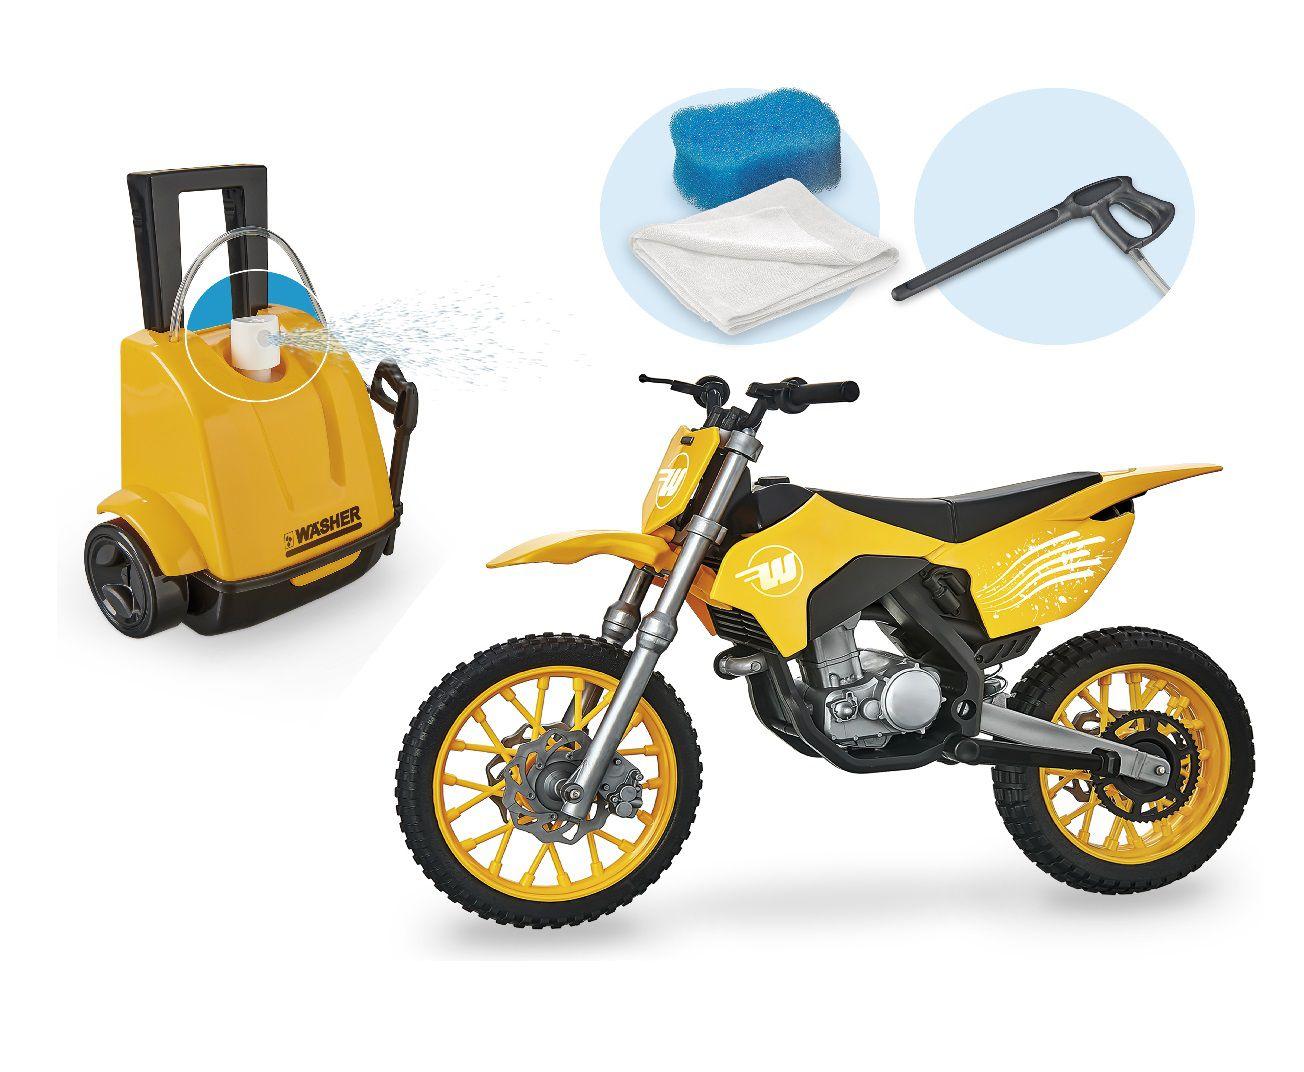 MOTO CROSS WASH GARAGE VERDE 452 USUAL PLASTIC